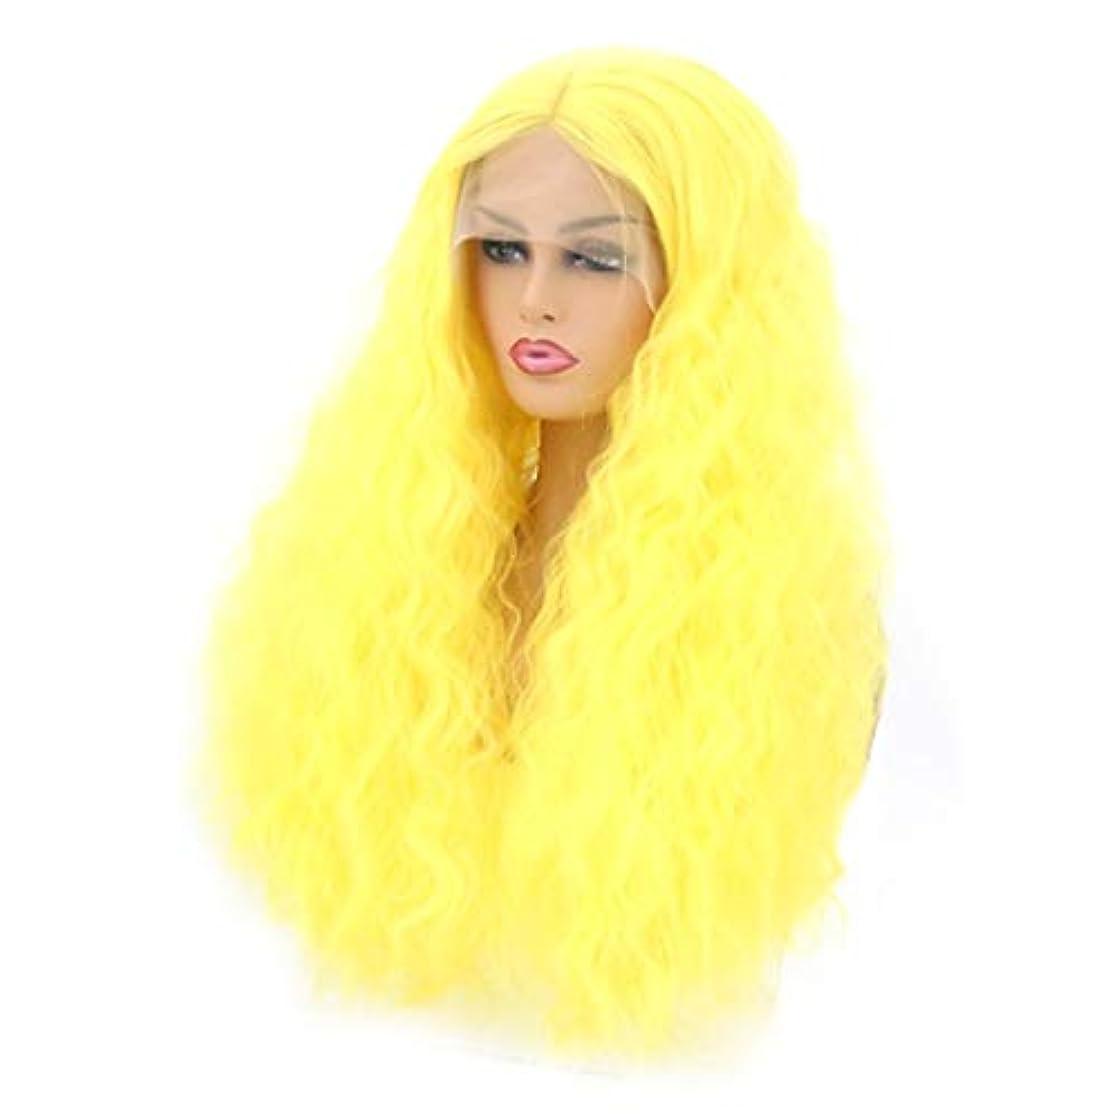 省略持続する補償Kerwinner 本物の髪として自然な女性のための長い巻き毛の波状のかつら合成のカラフルなコスプレデイリーパーティーウィッグ (Size : 26 inches)